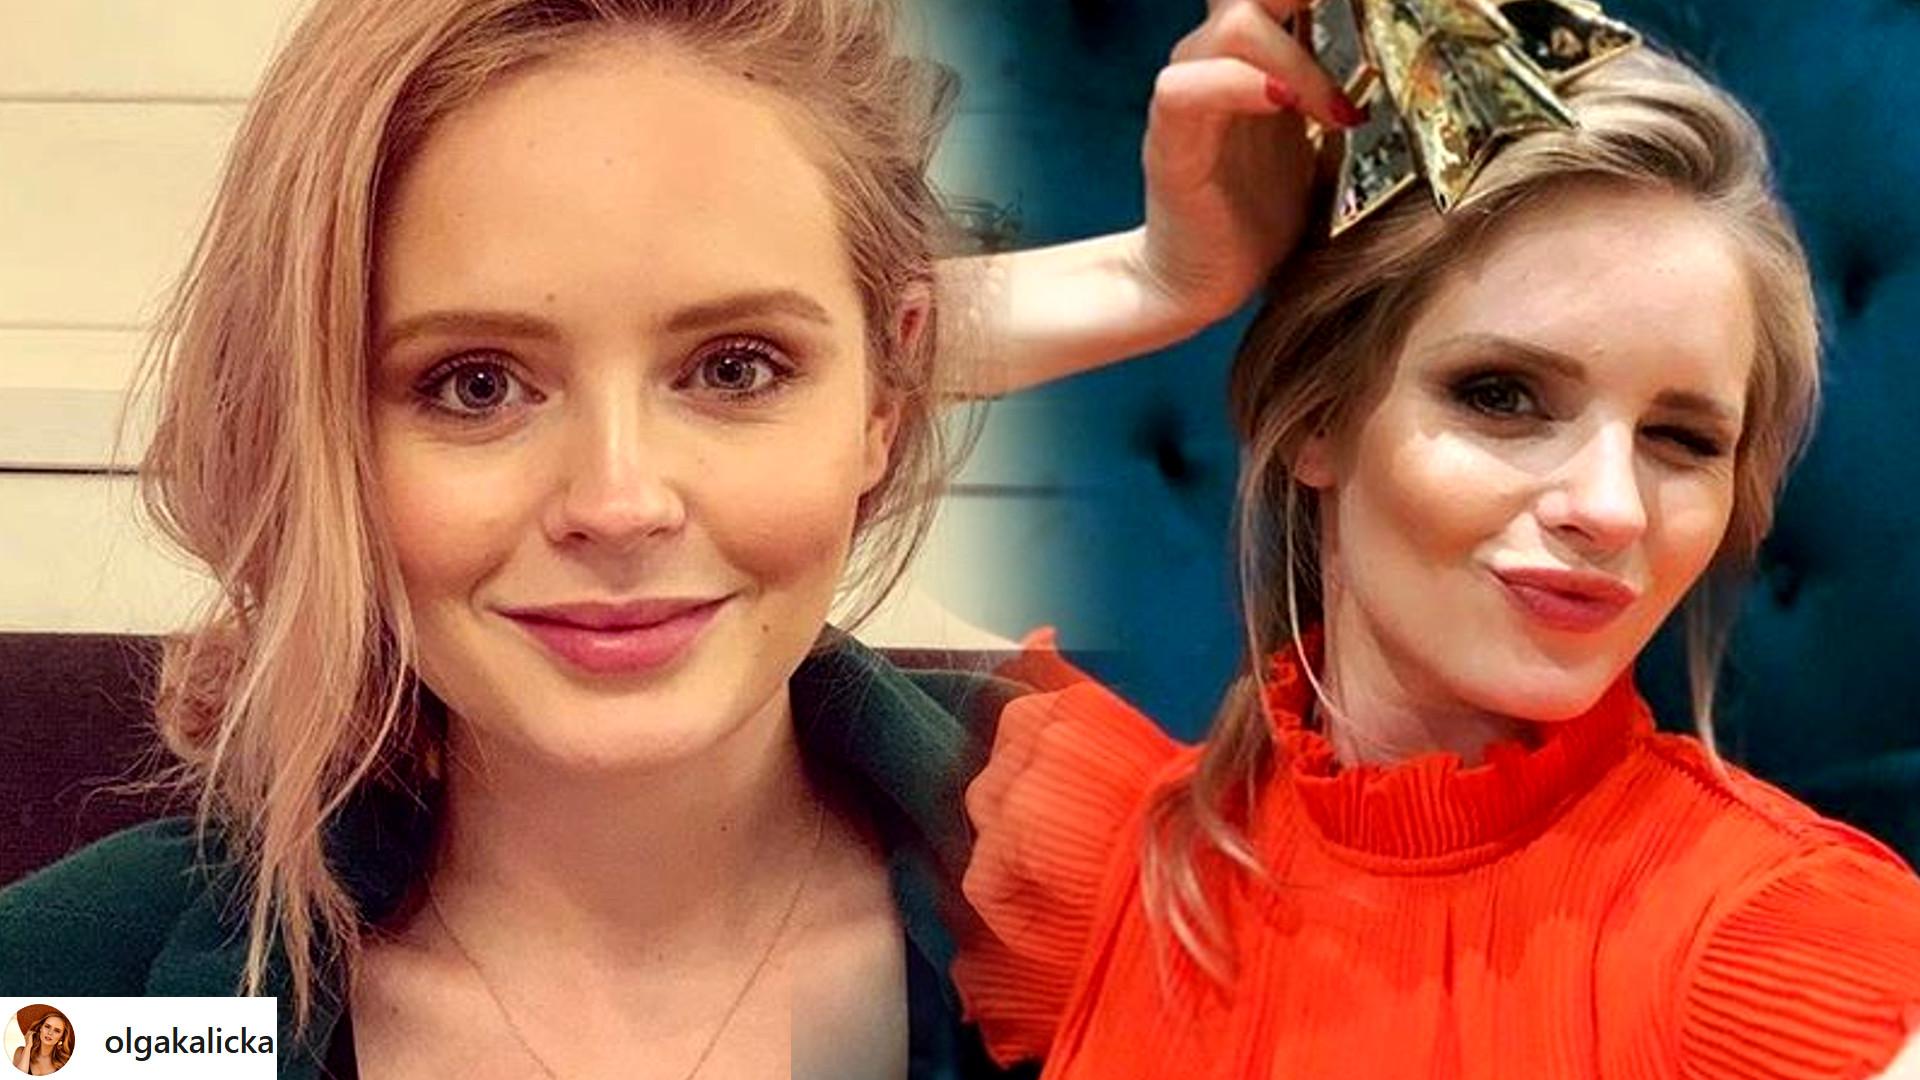 Olga Kalicka w ciążowej sesji z DUŻYM brzuszkiem: Wyglądasz jak Adele